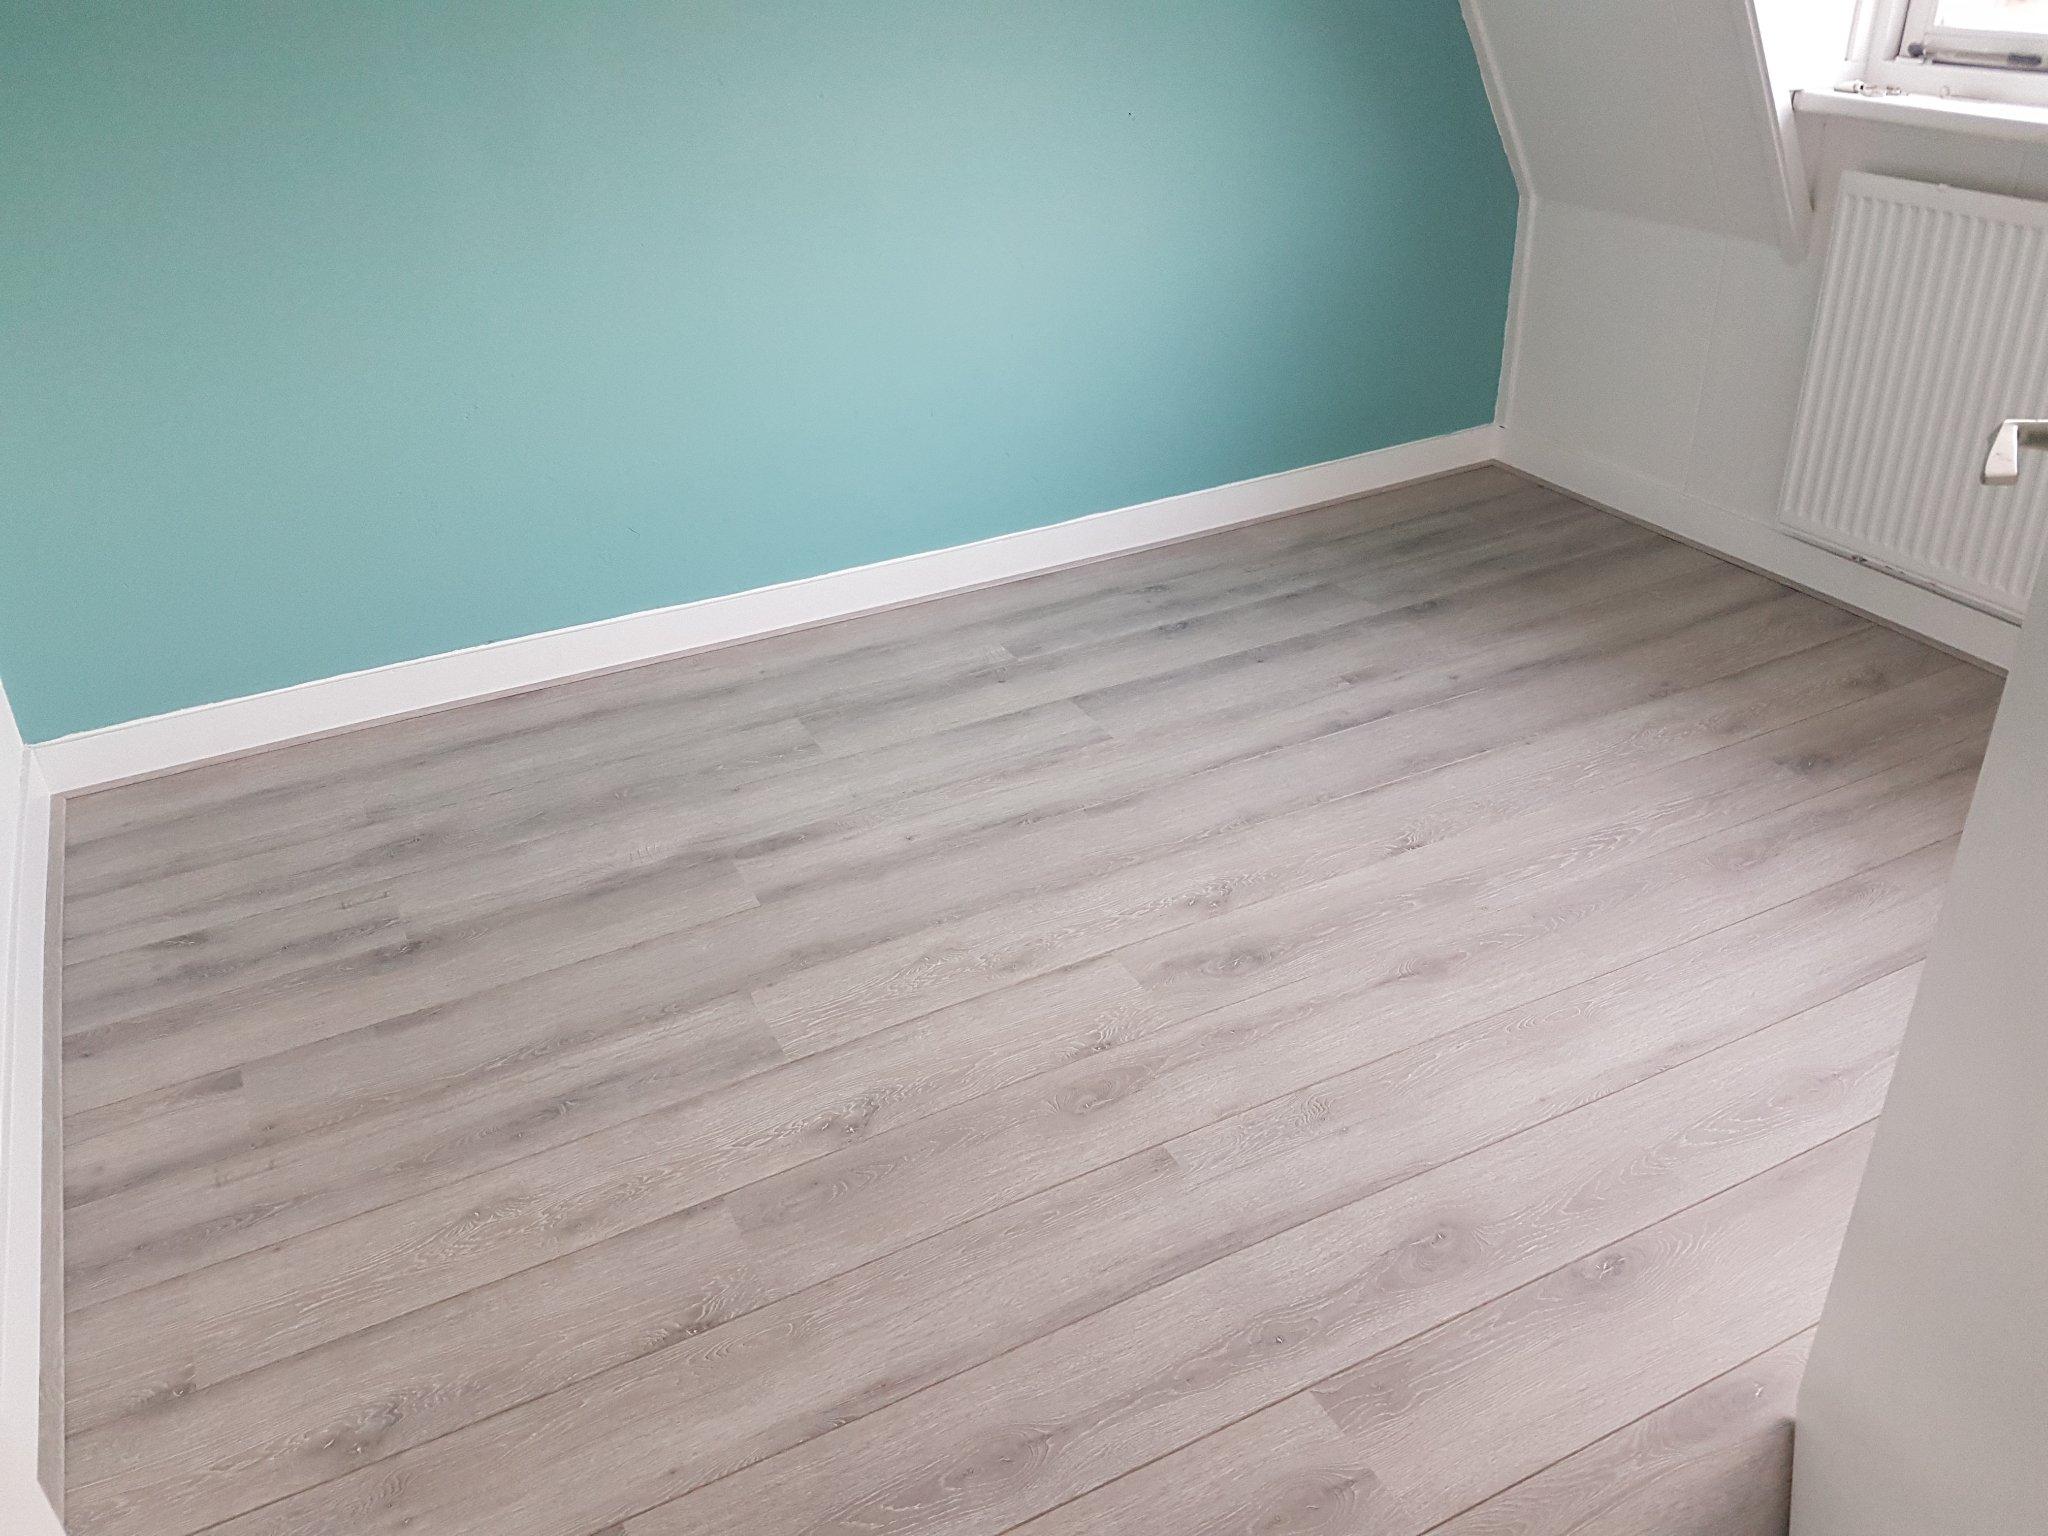 Laminaat vloer met onderplaten leggen inclusief hoge plinten cm